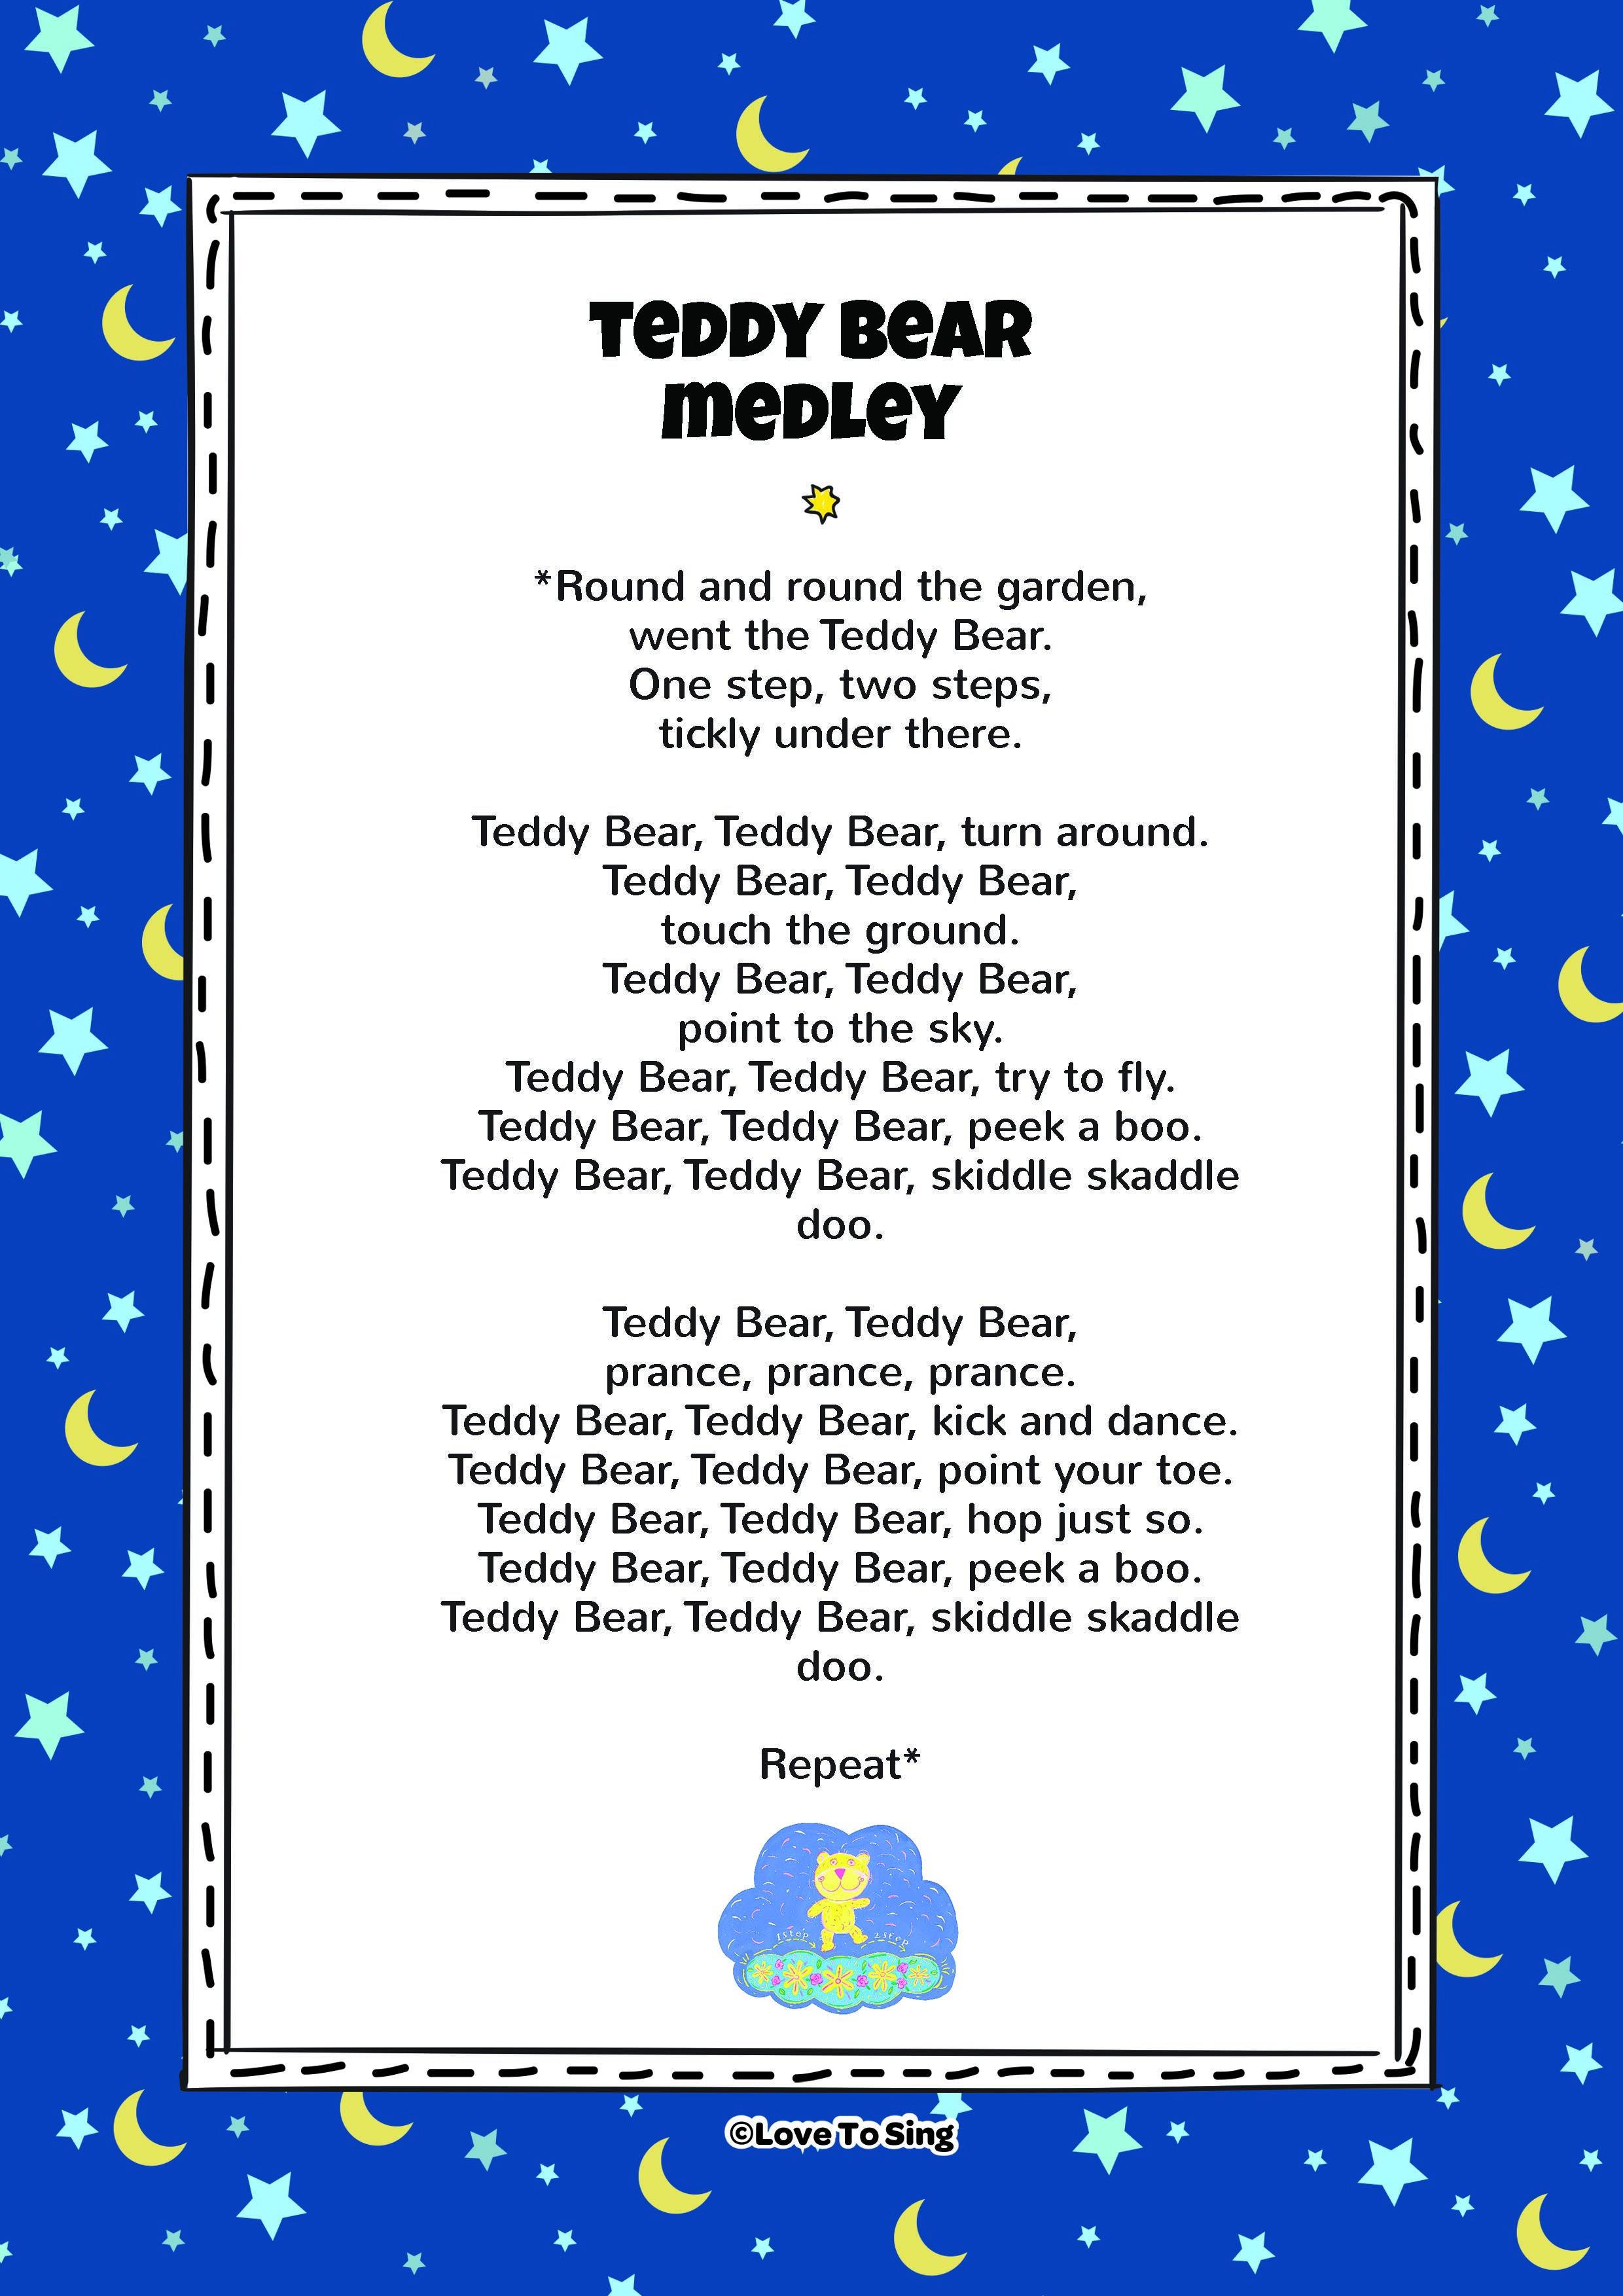 Teddy Bear Medley Nursery Rhyme Nursery rhymes lyrics